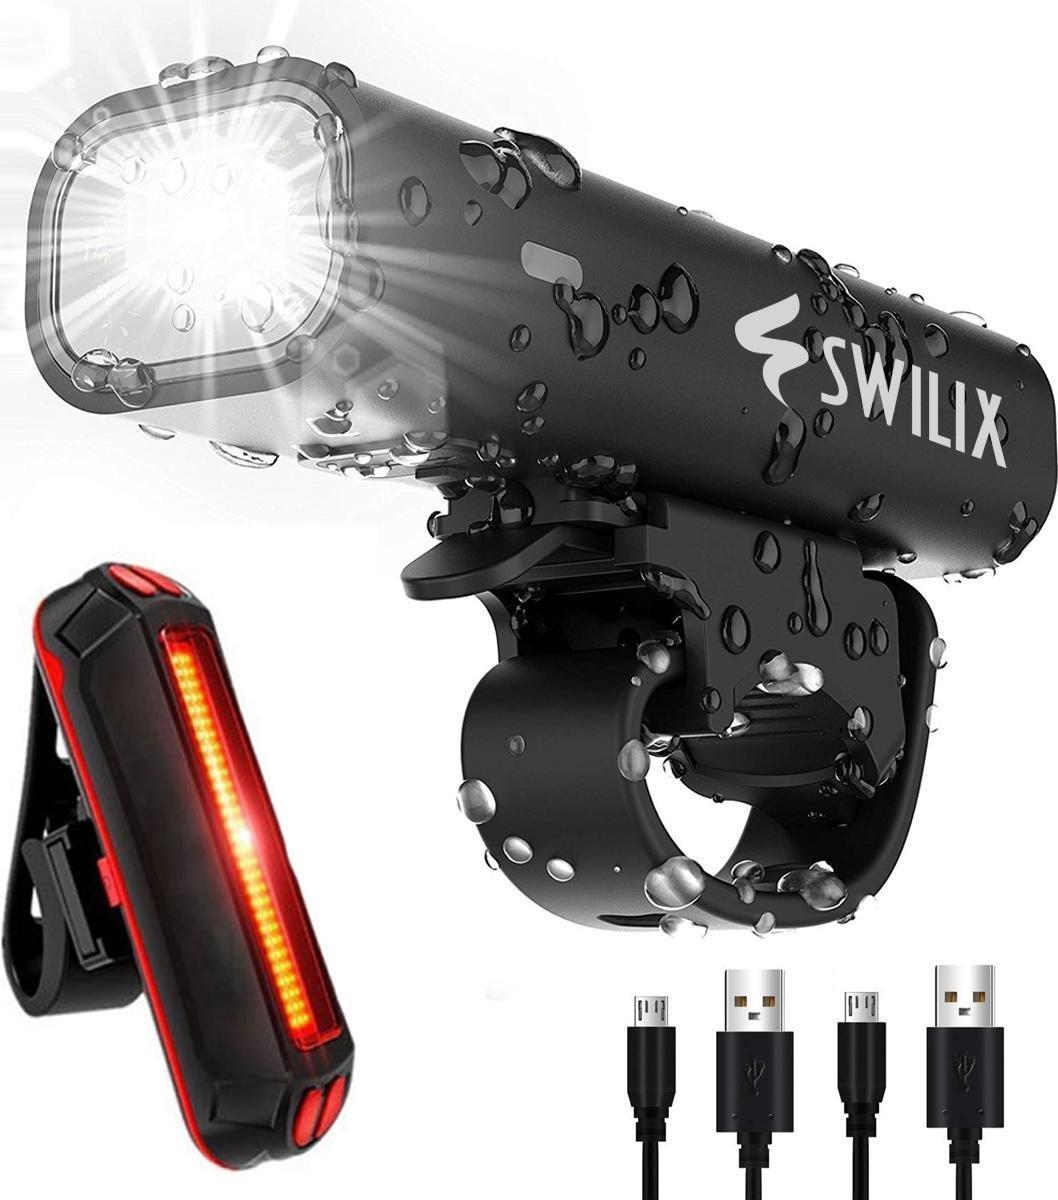 SWILIX   - Fietsverlichting Set - Oplaadbare USB Led Fietslamp - Voor en Achter - Waterdicht - 4 Lic